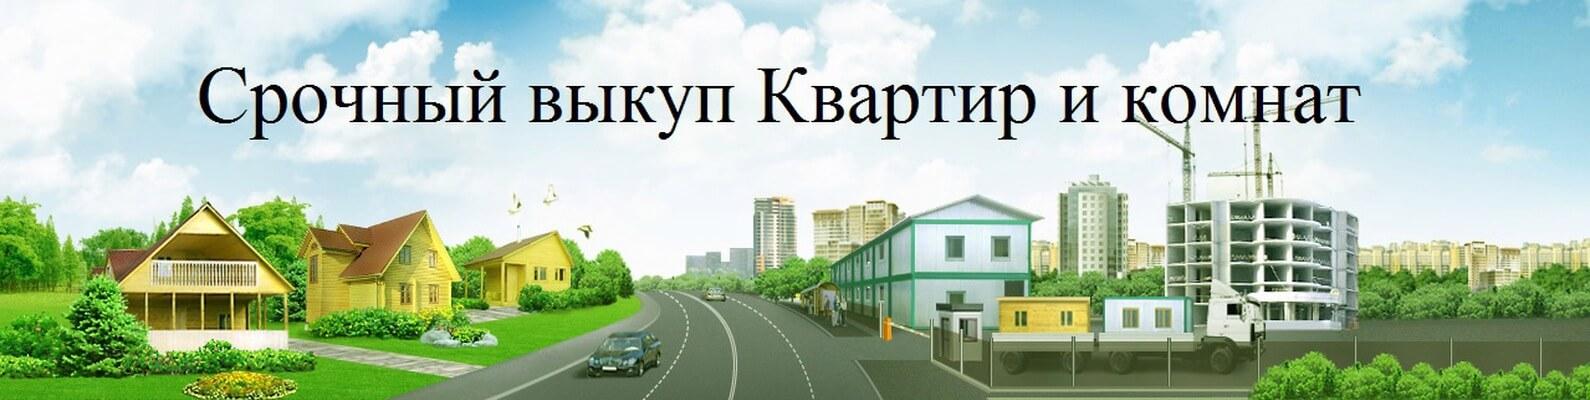 Осуществляем срочный выкуп комнат и недвижимости в Москве и области